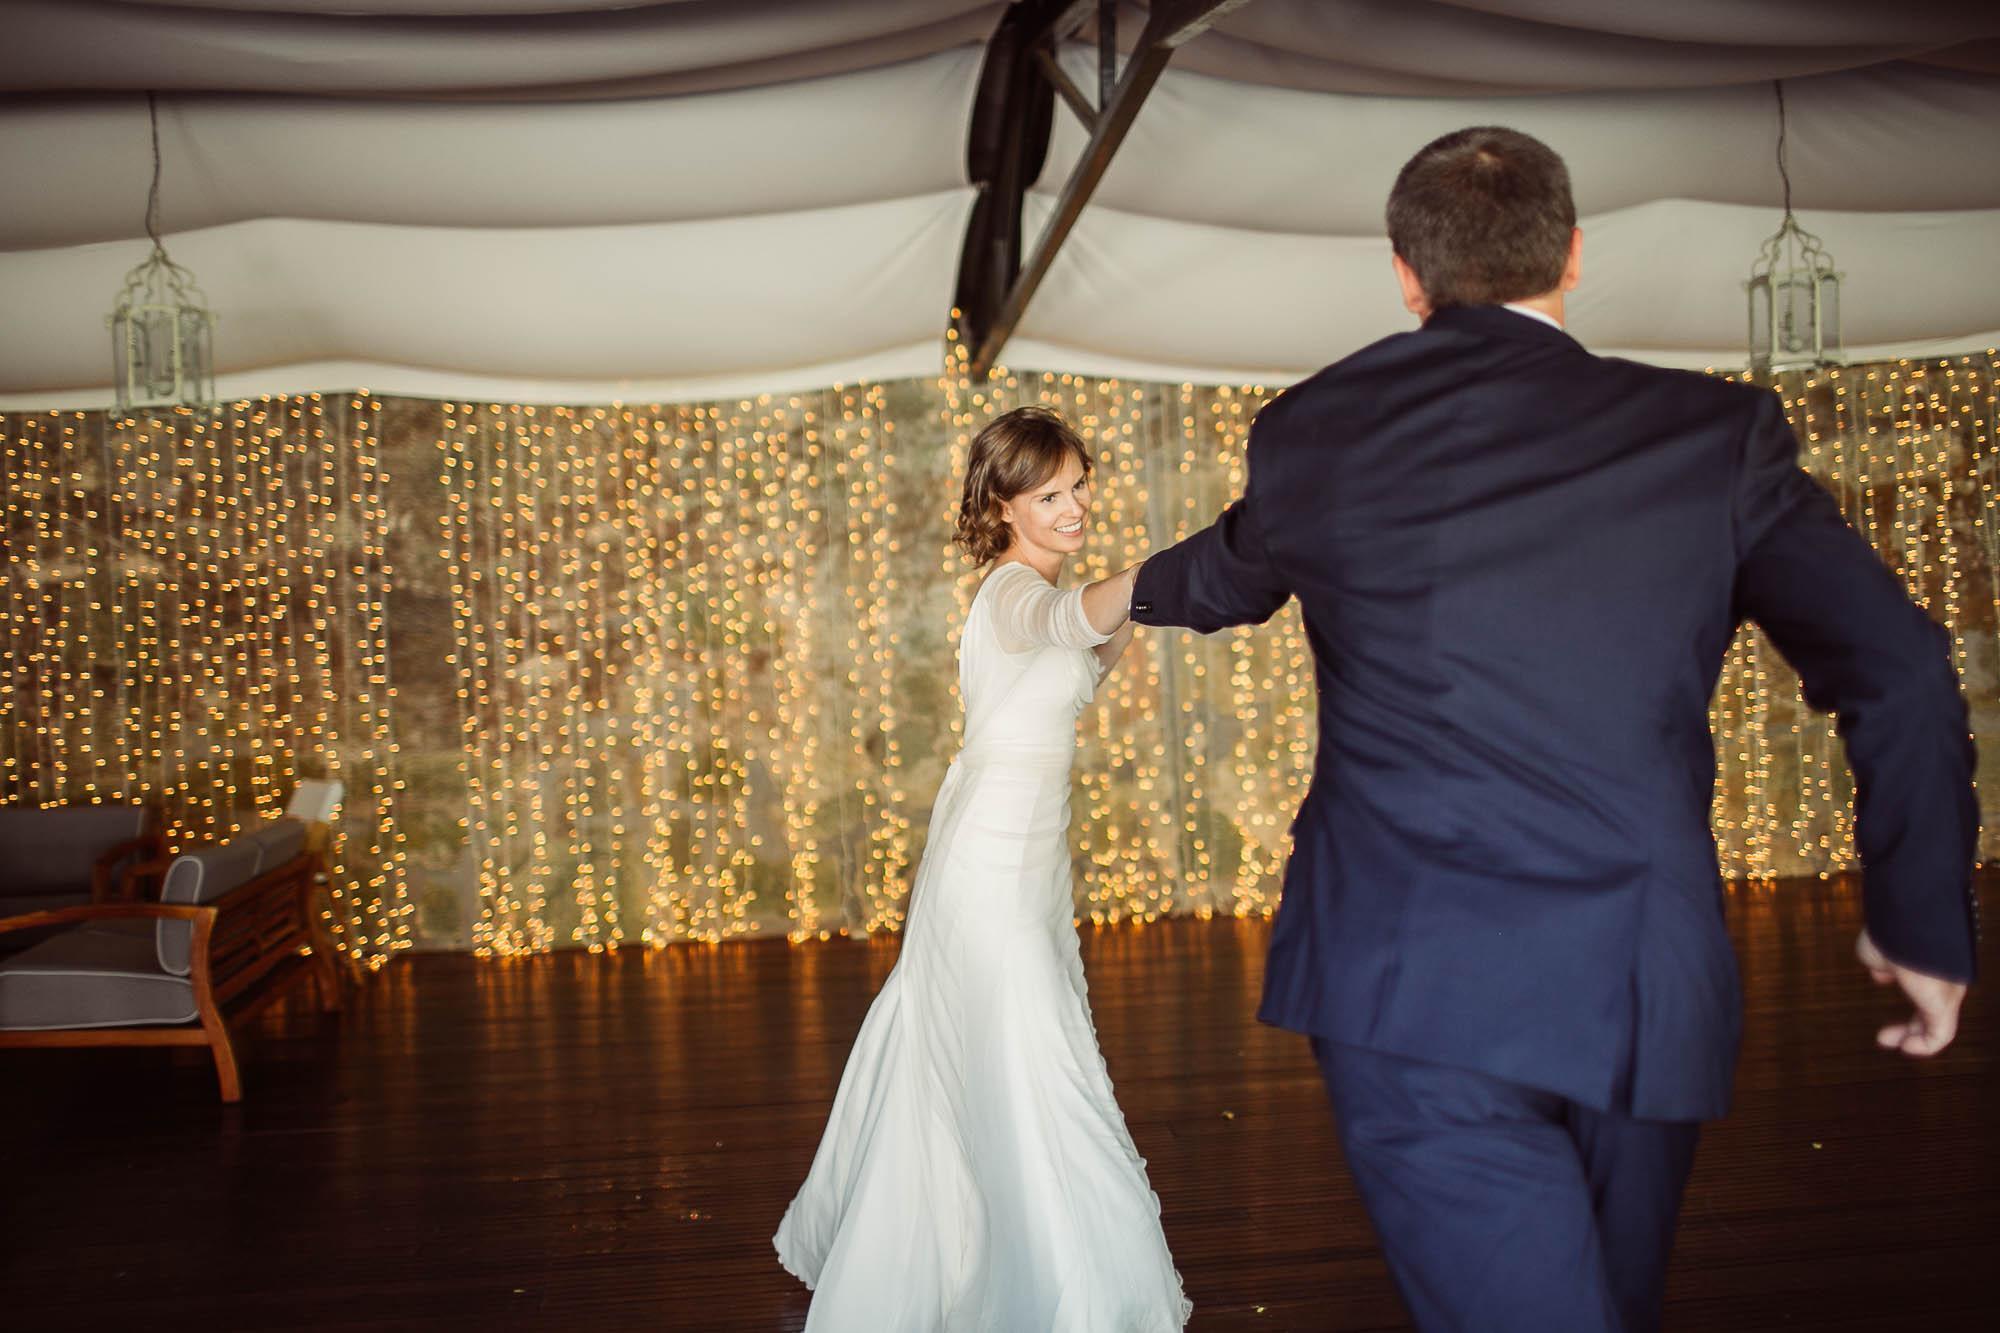 La novia bailando con un invitado